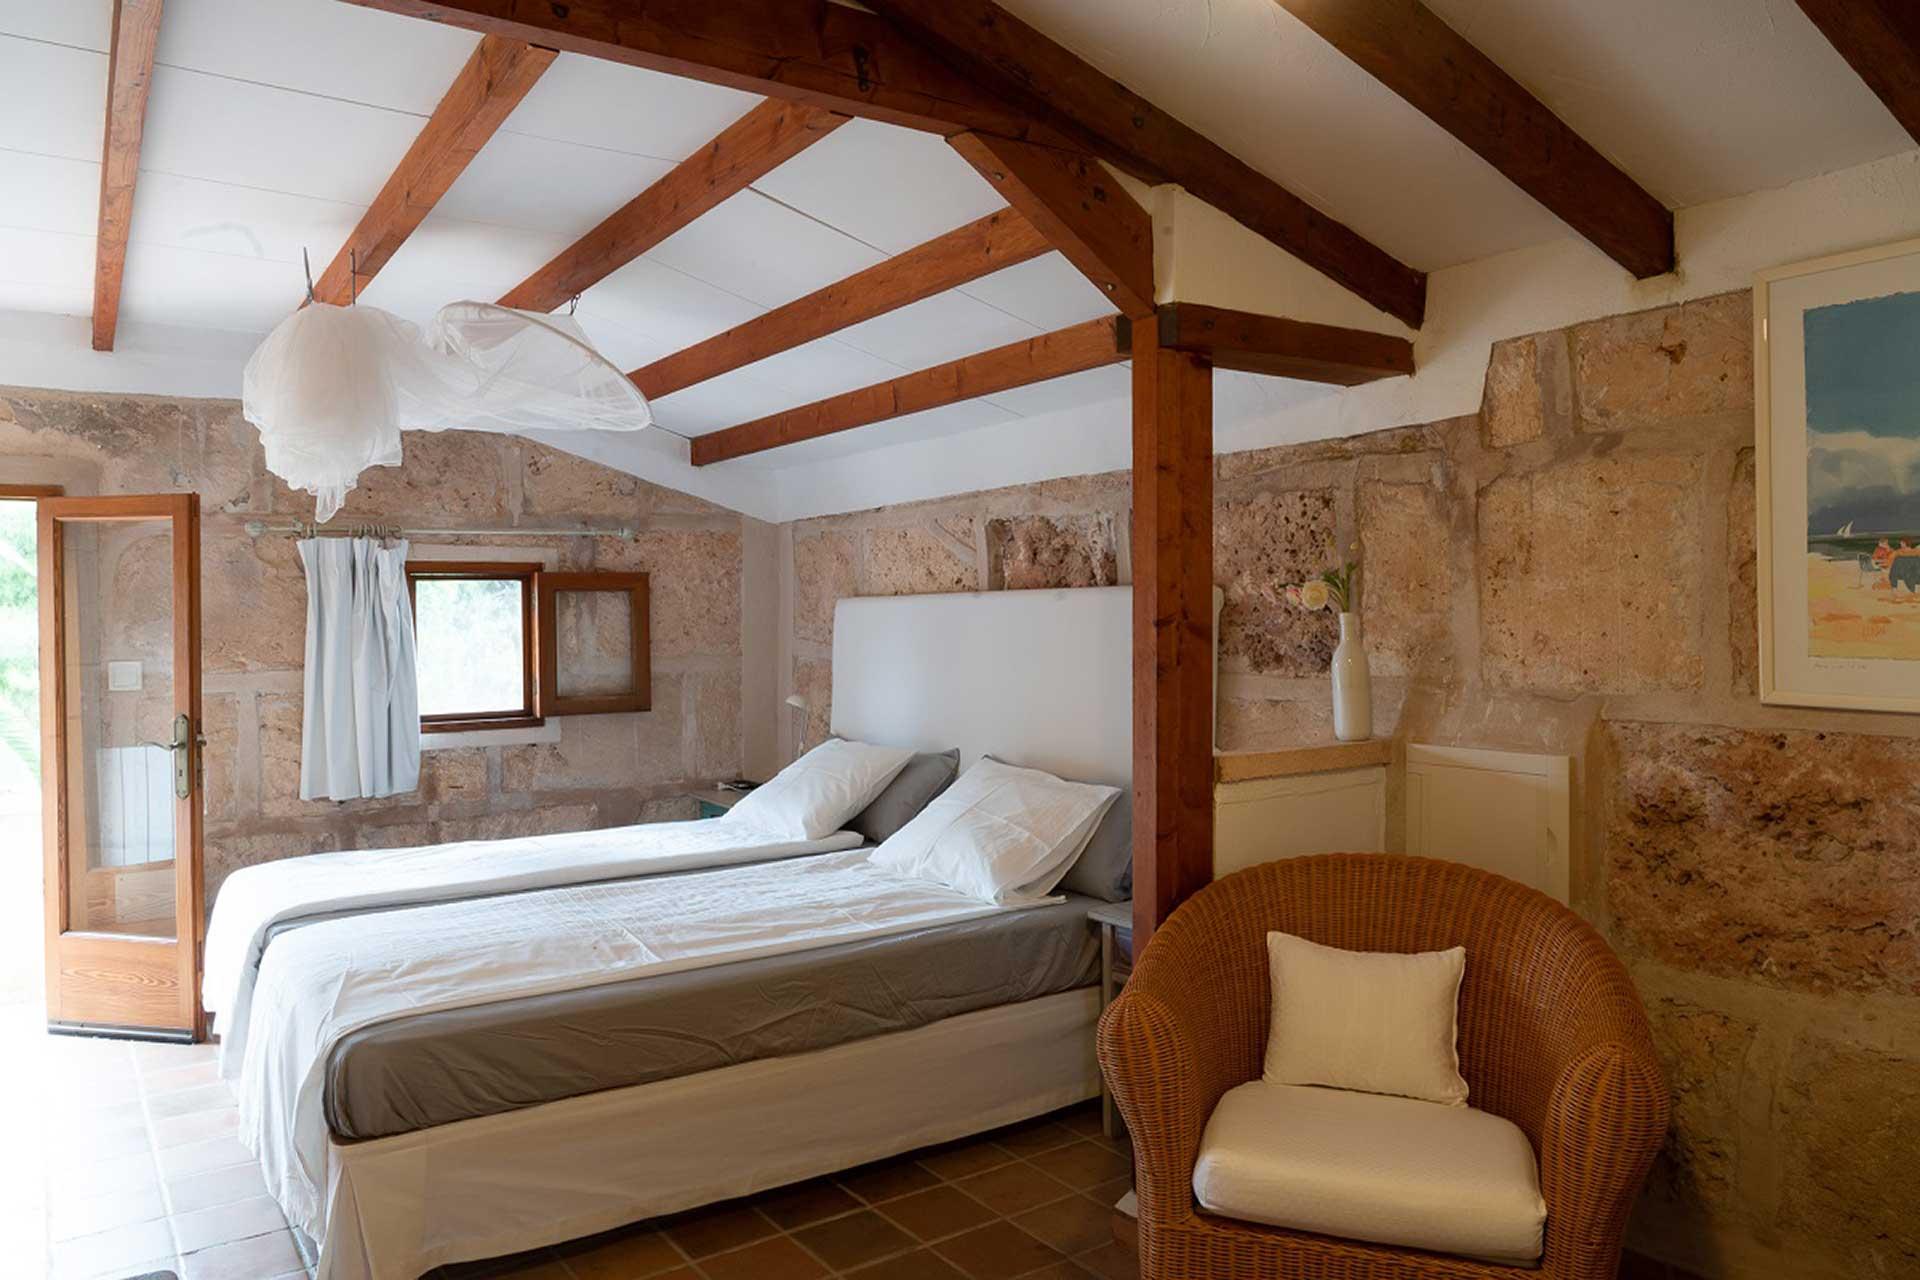 Finca C'an Murtera - Suite no. 2 first floor center-